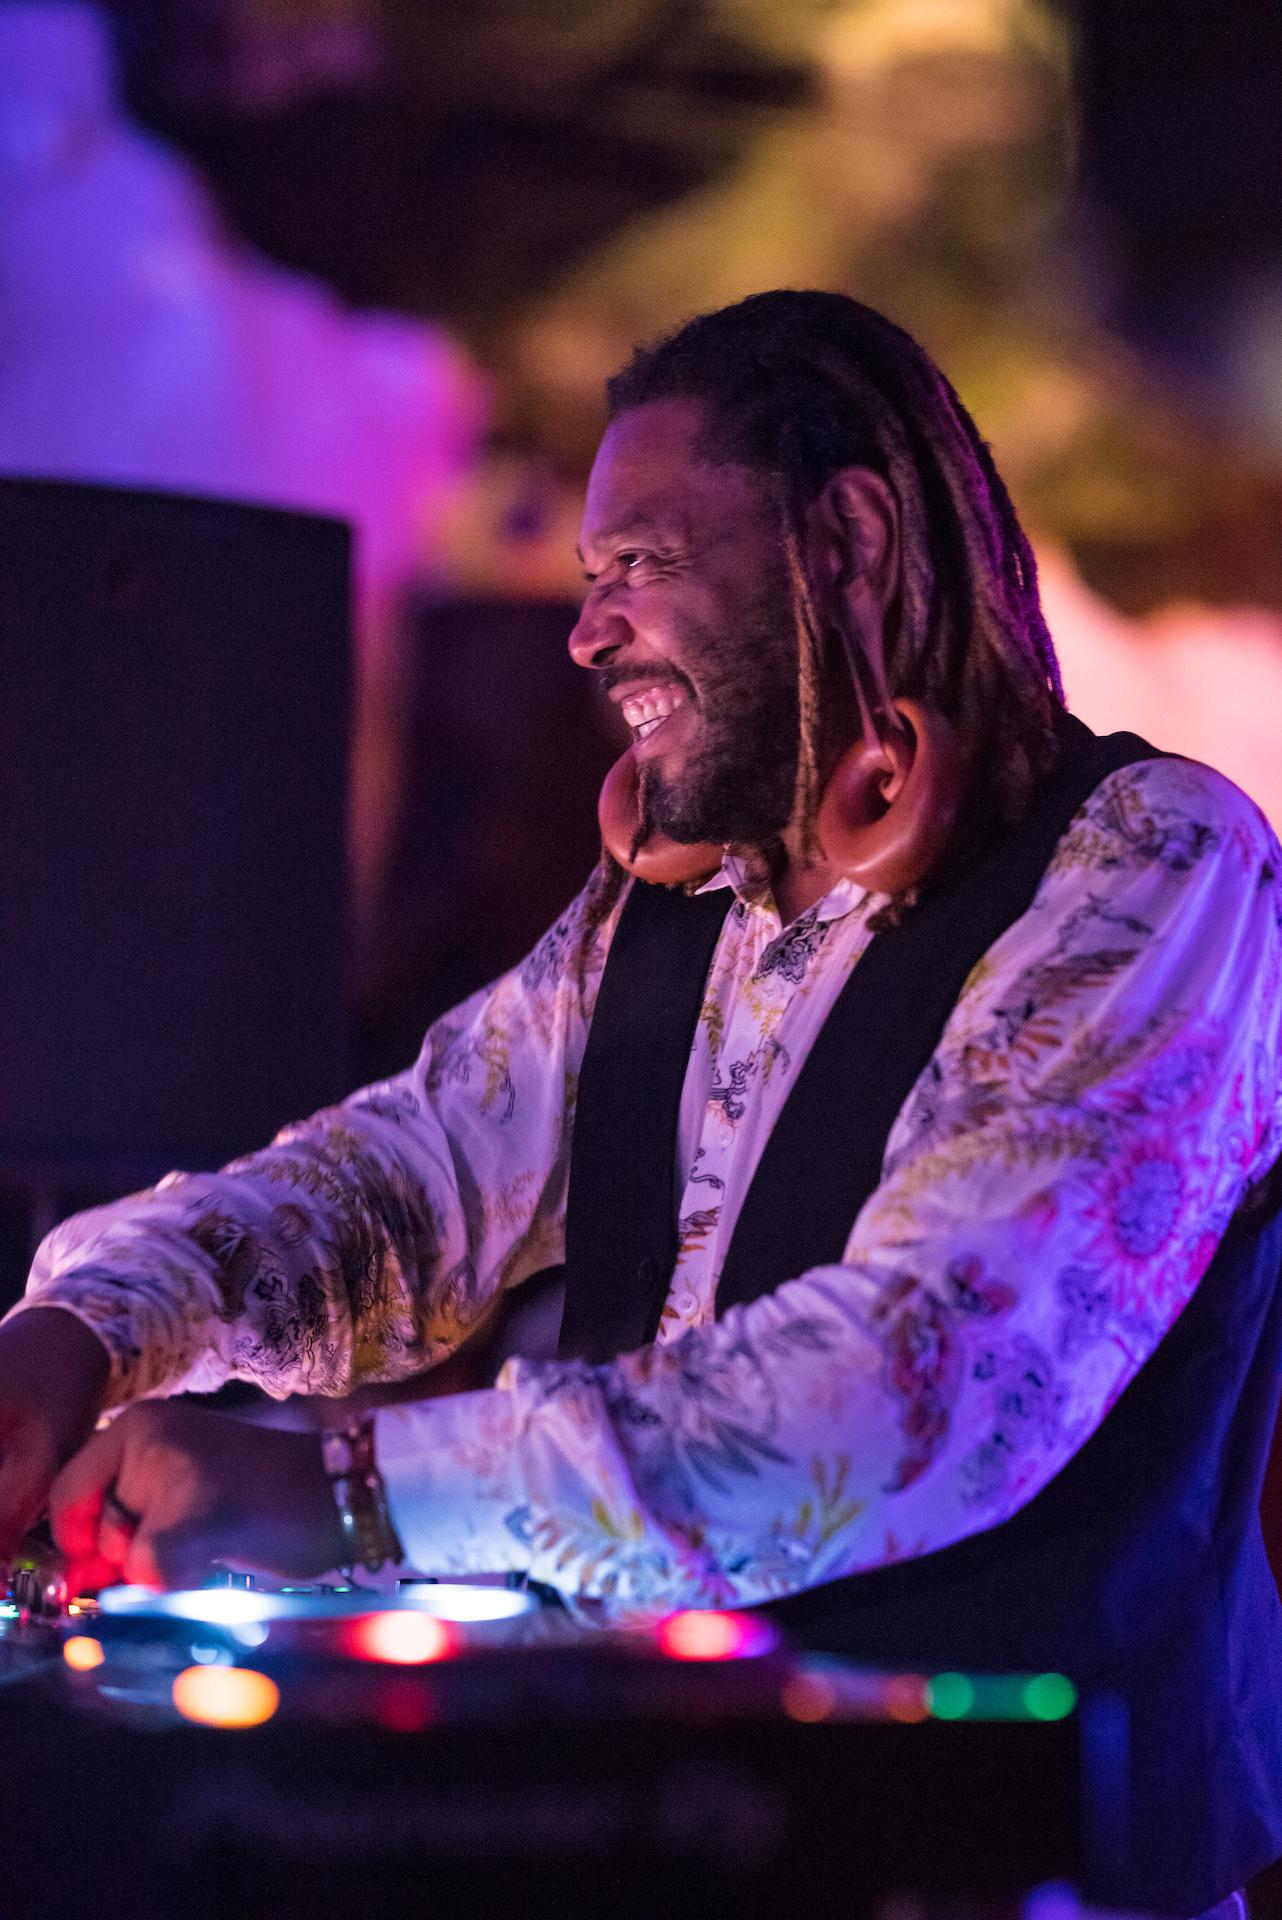 Los ritos Yoruba de Osunlade calan hondo en el Jameos Music Festival